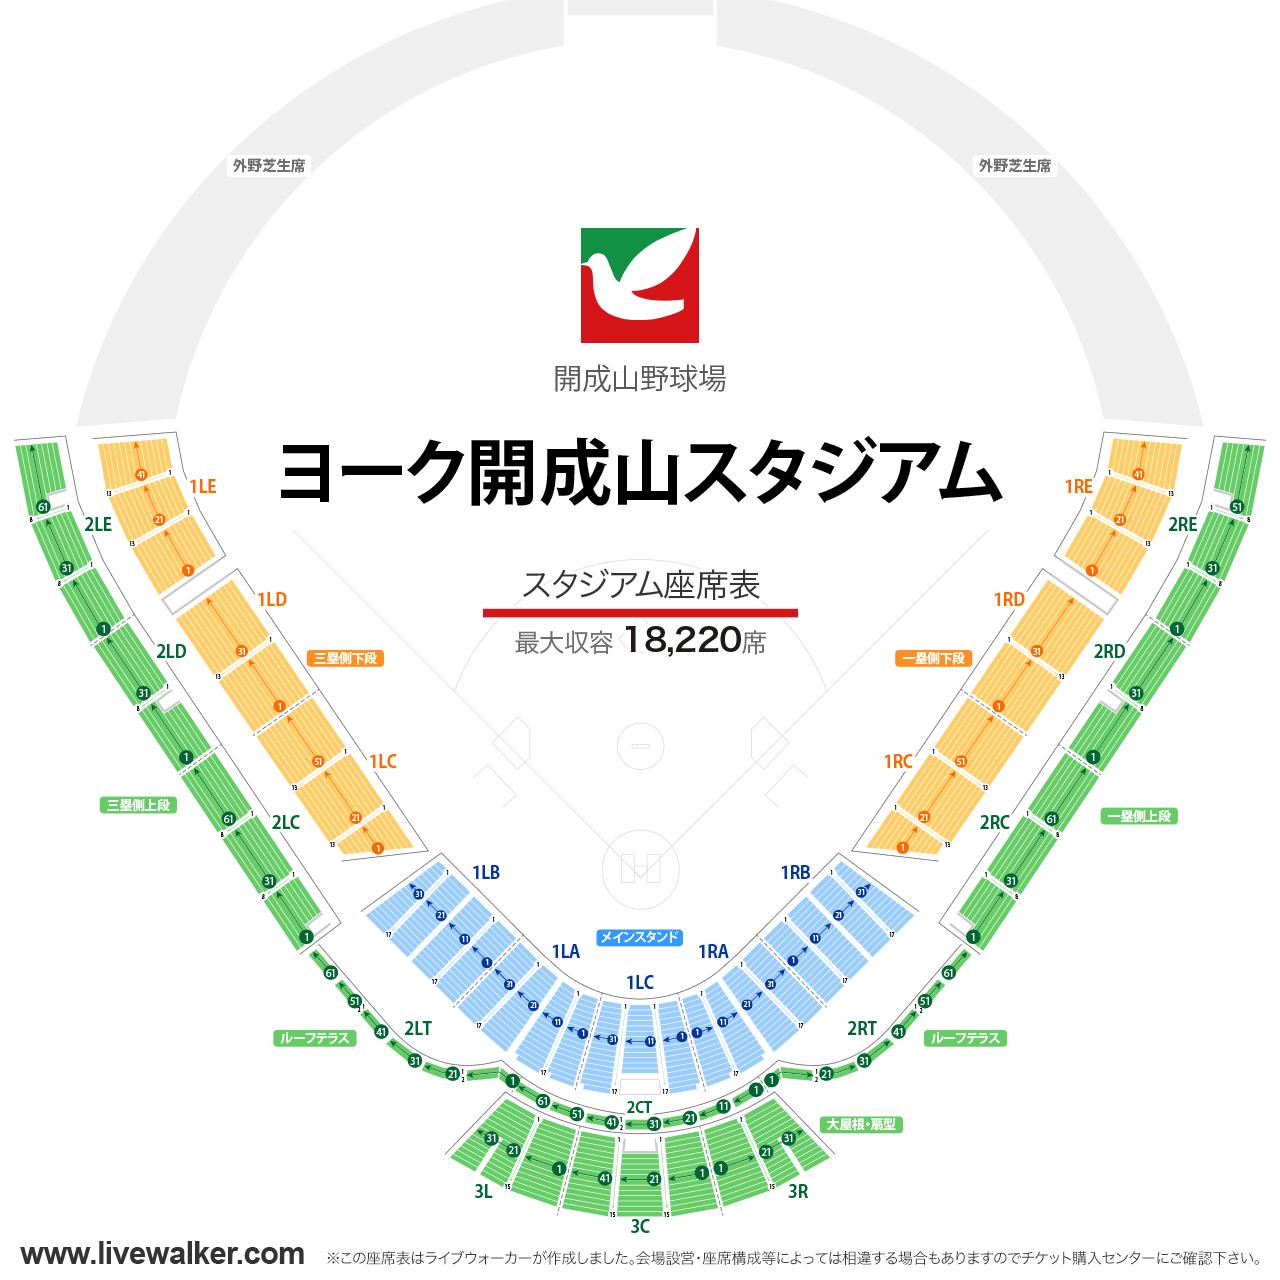 ヨーク開成山スタジアム(開成山野球場)スタジアムの座席表